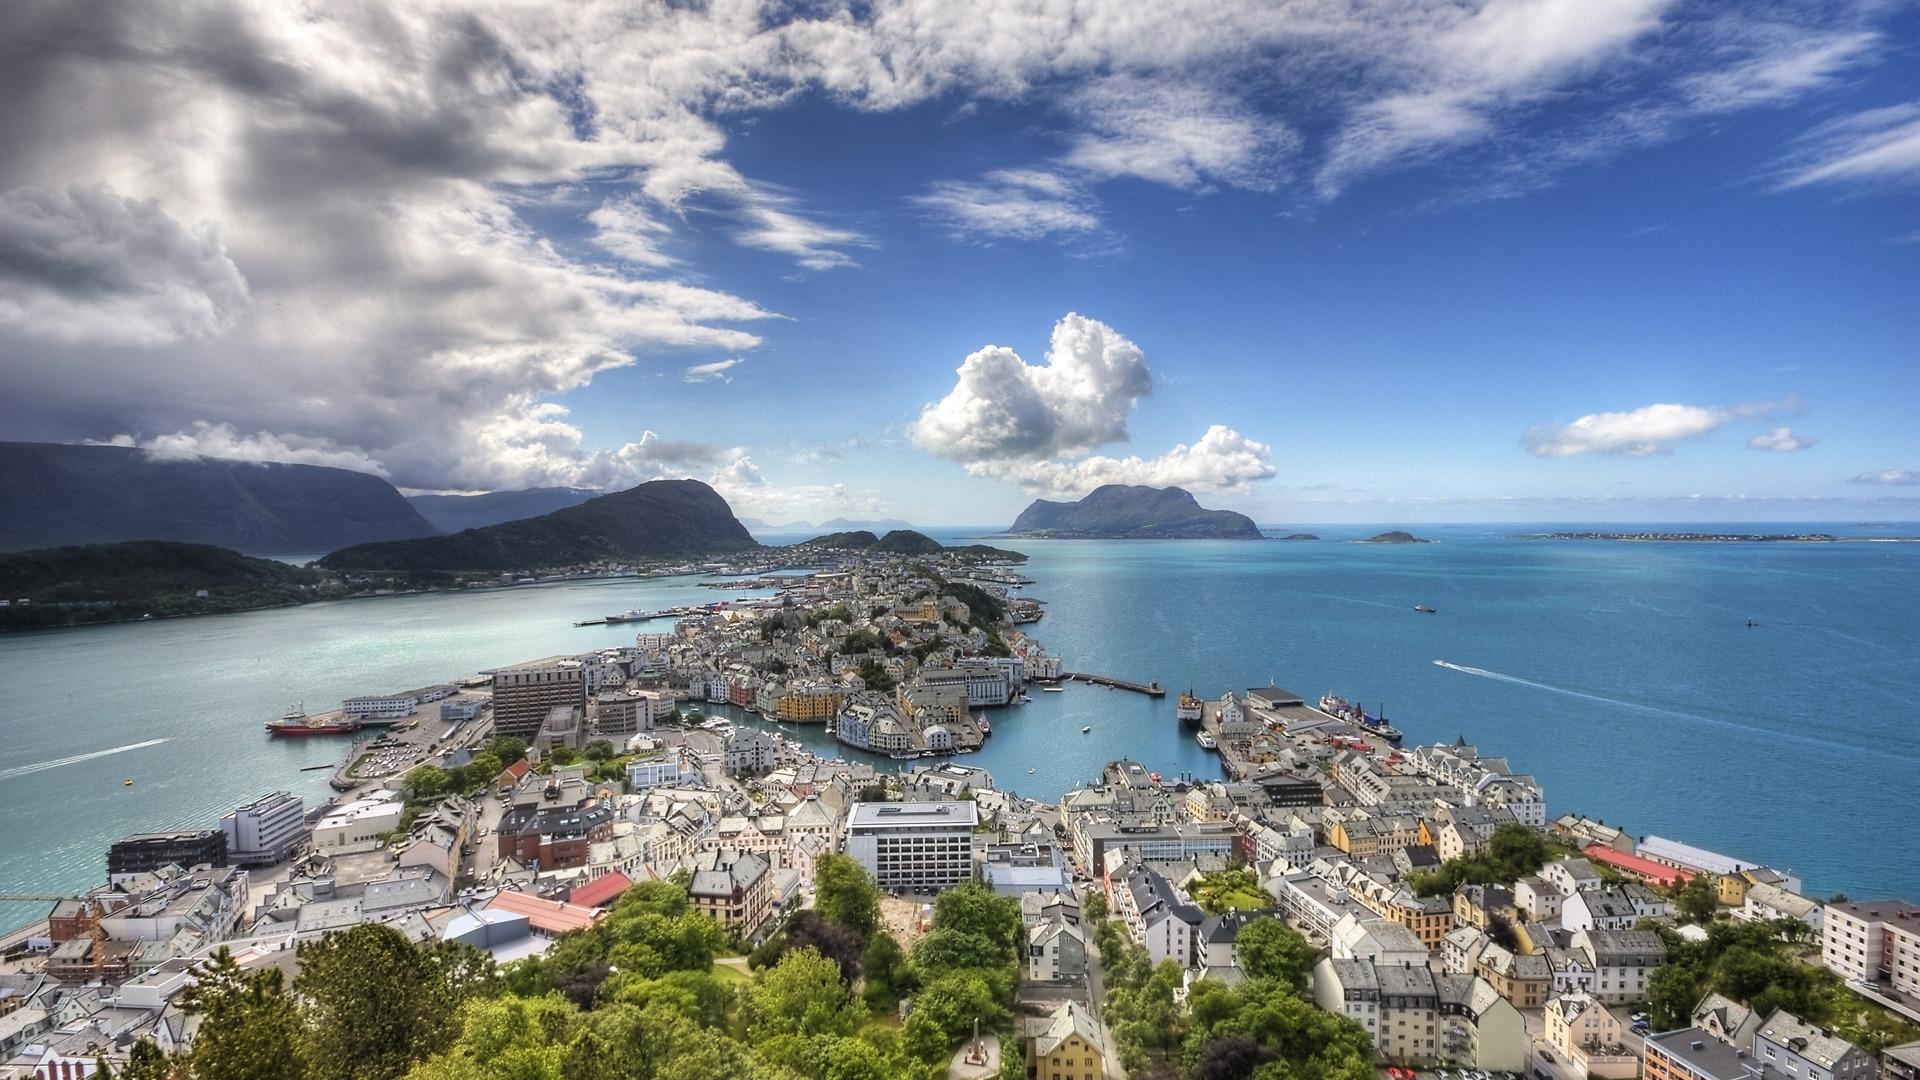 Alesund: Ocean, City, Alesund, Cityscape, Coast, Man Made, Norway